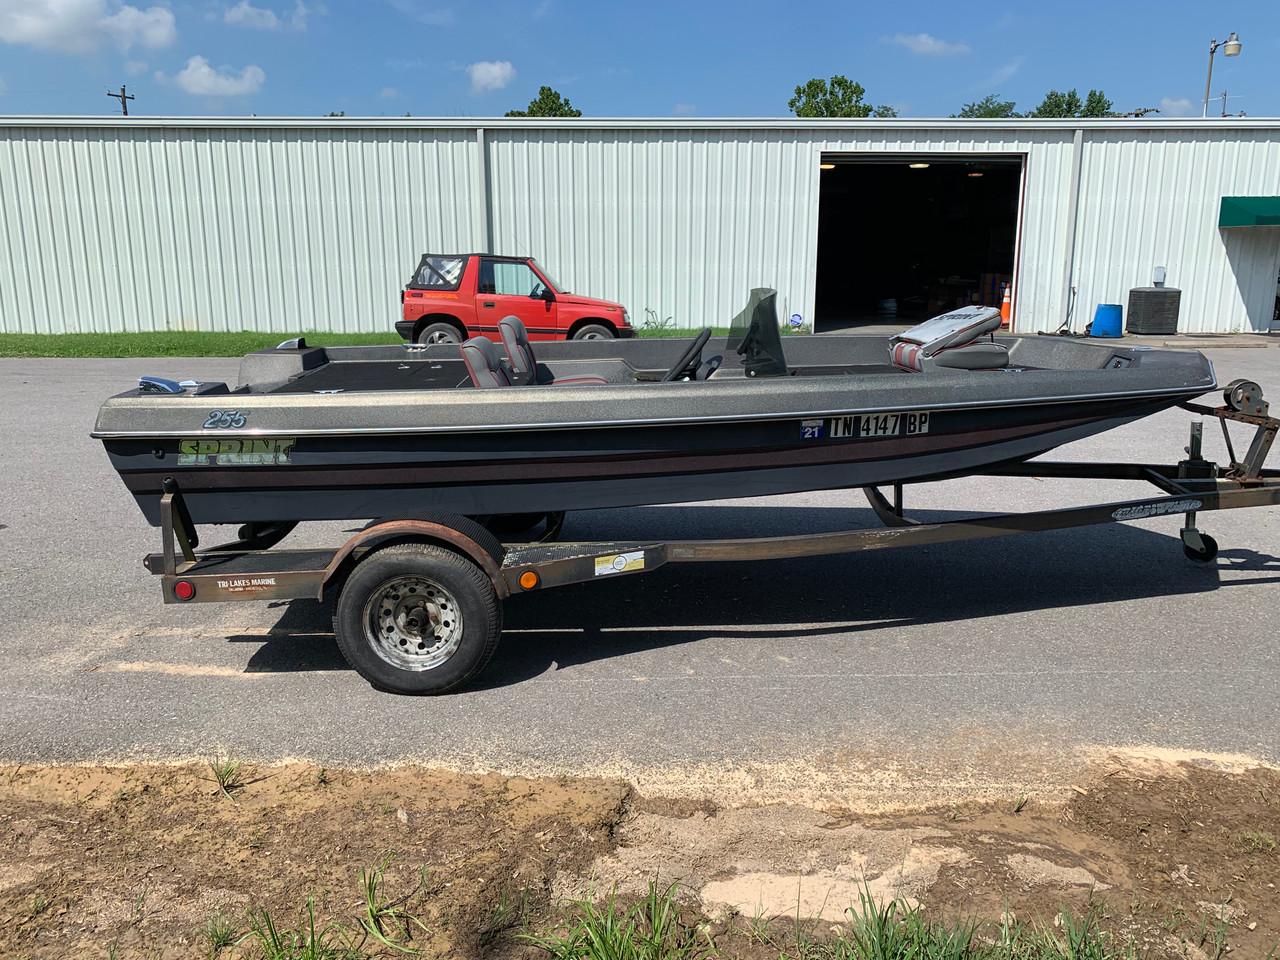 1991 Sprint 255 15' Fiberglass Bass Boat with Trailer